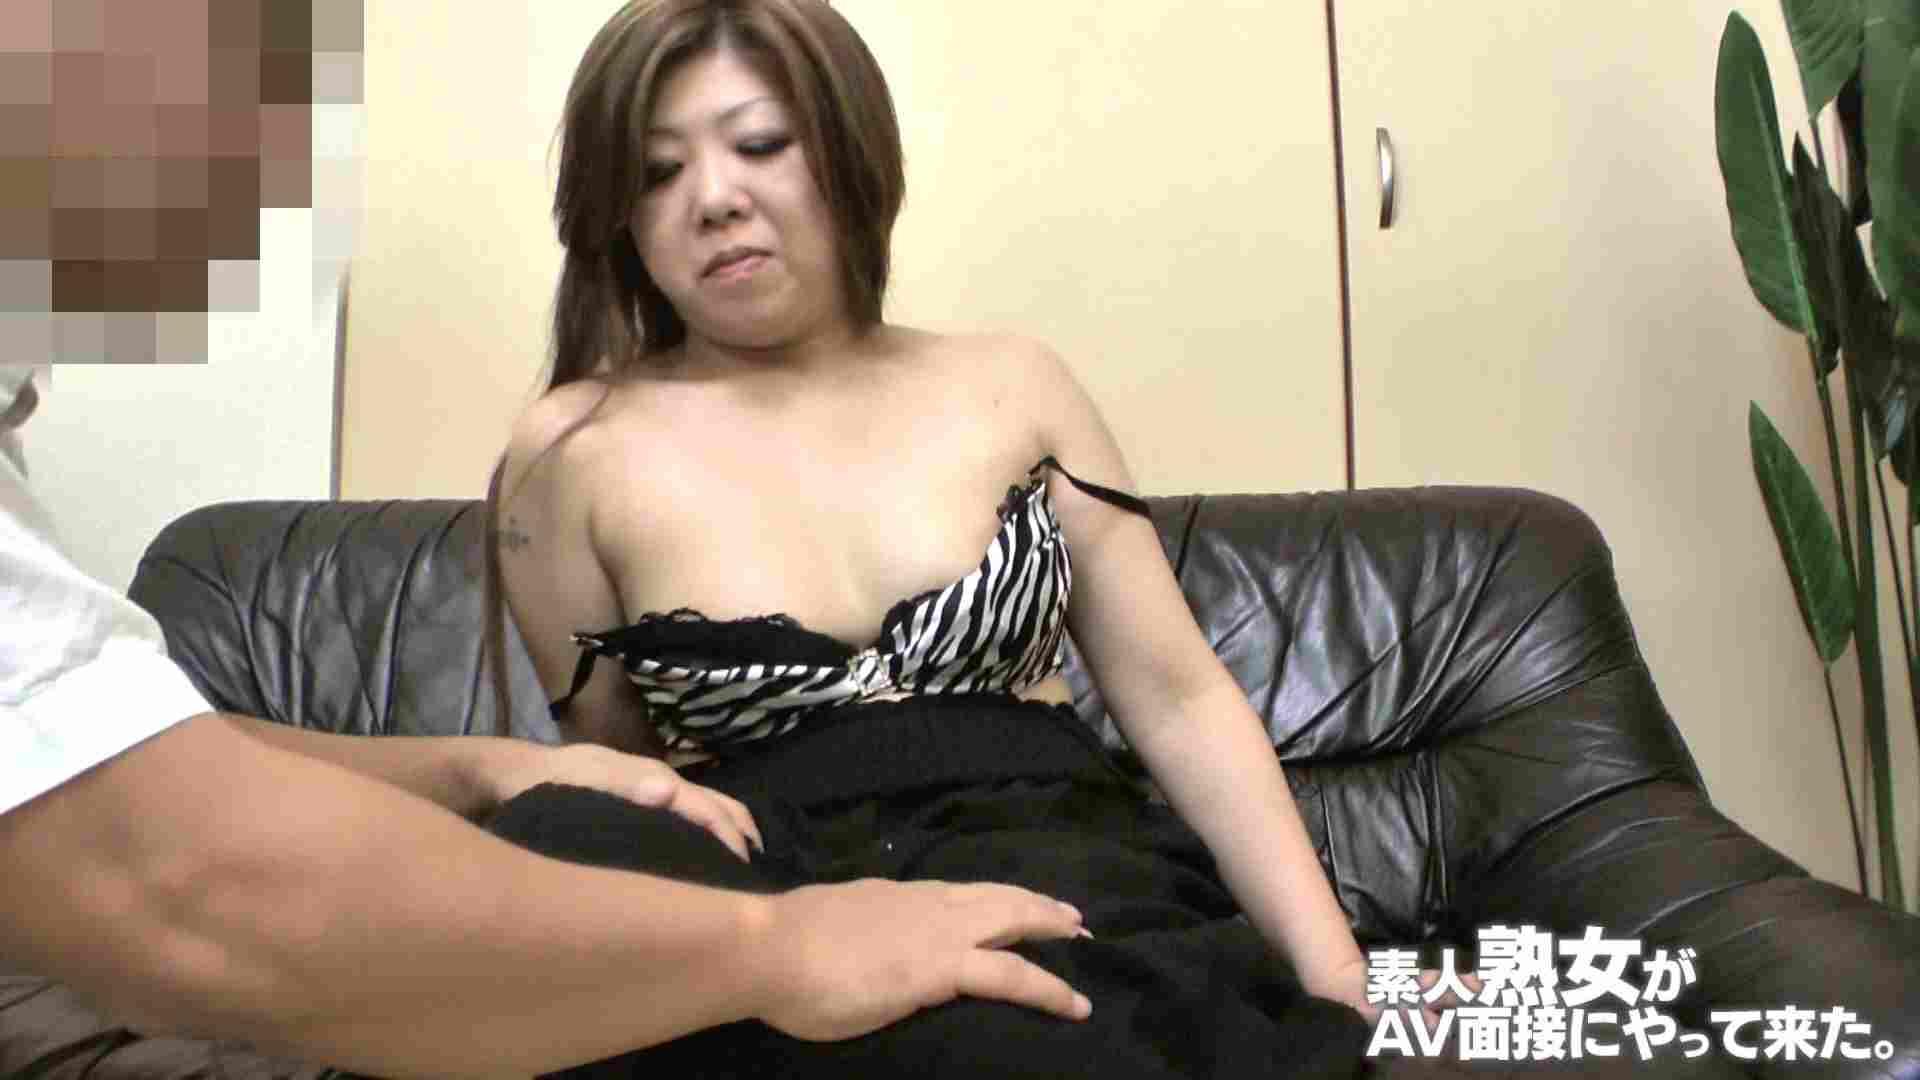 素人熟女がAV面接にやってきた (仮名)ゆかさんVOL.03 OL裸体 | 素人  52画像 33